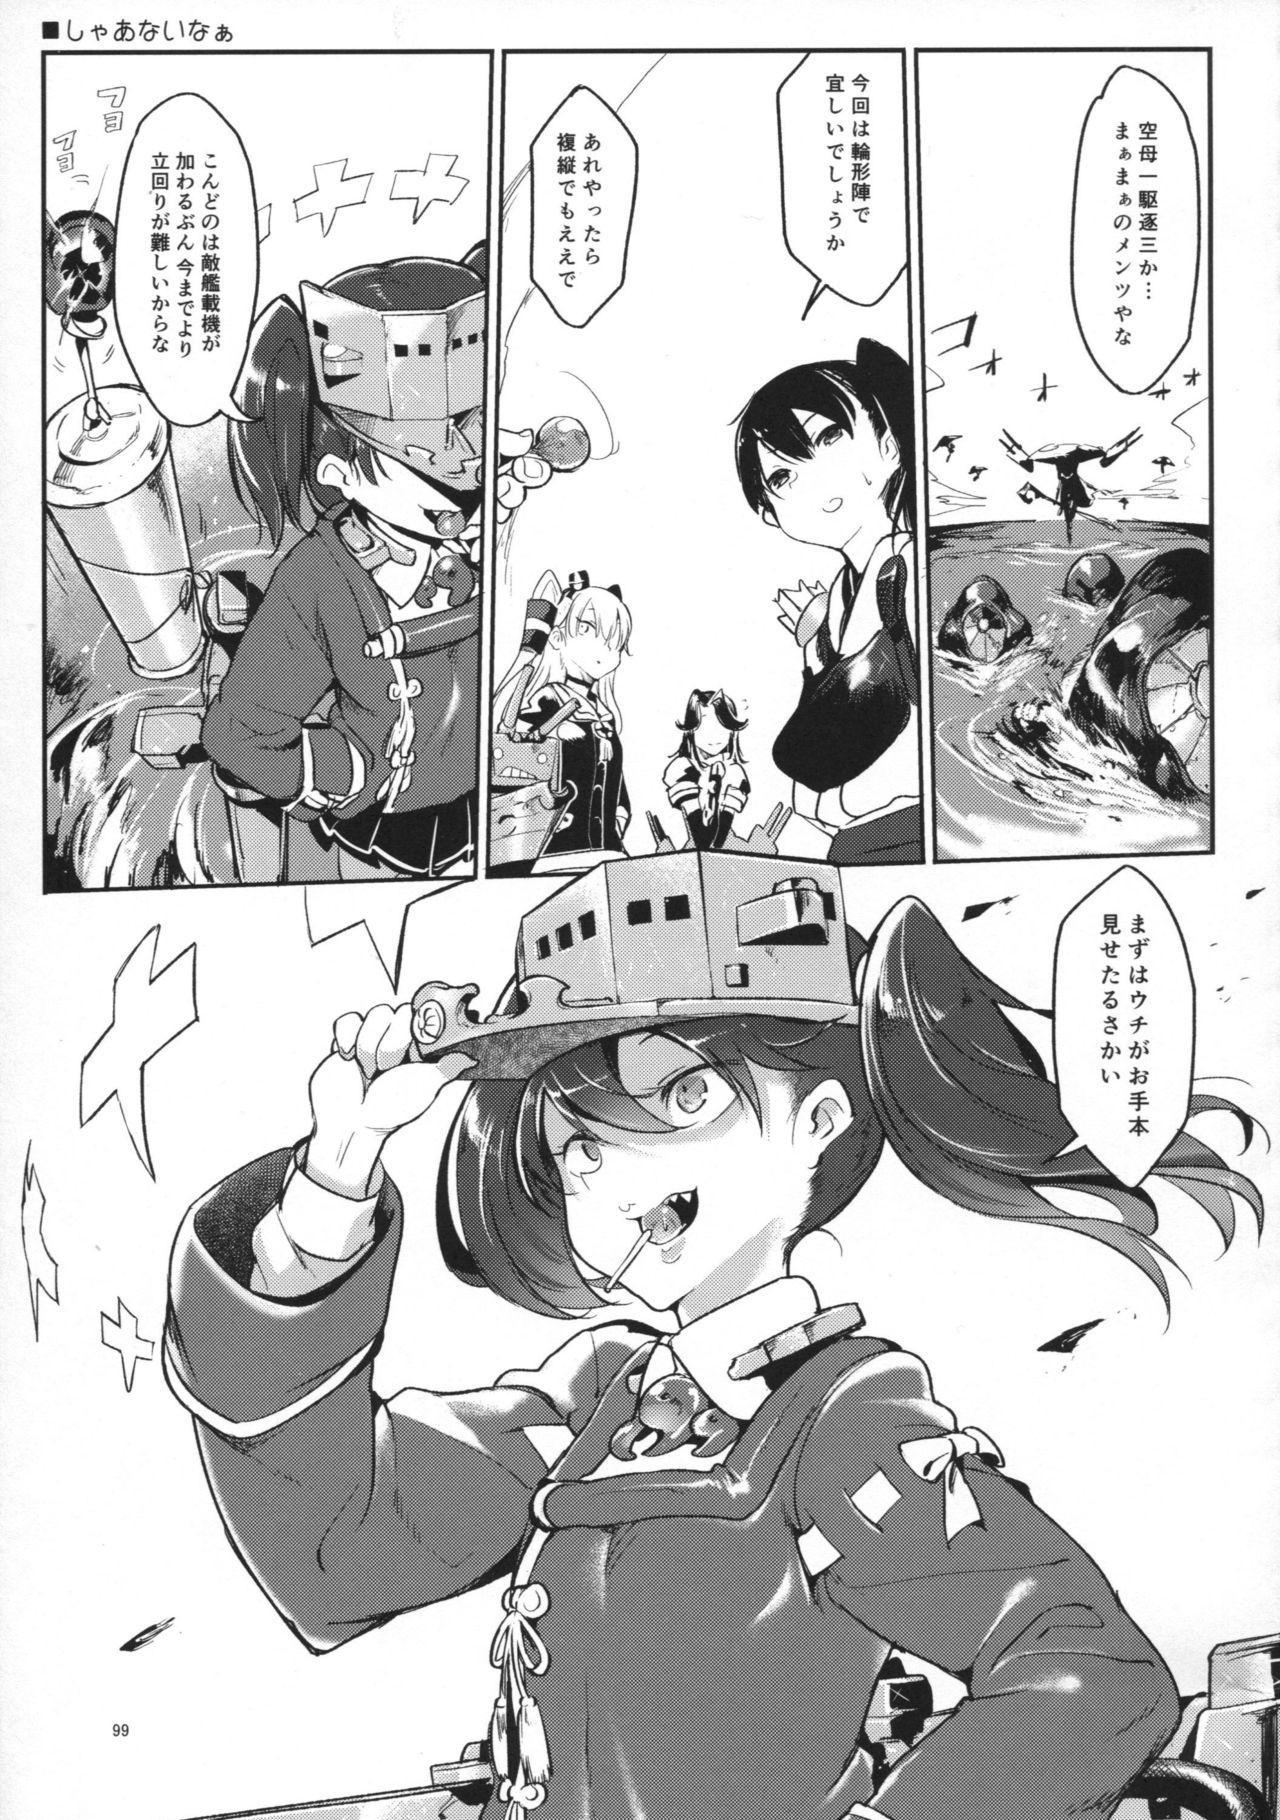 Hentai Selection 97